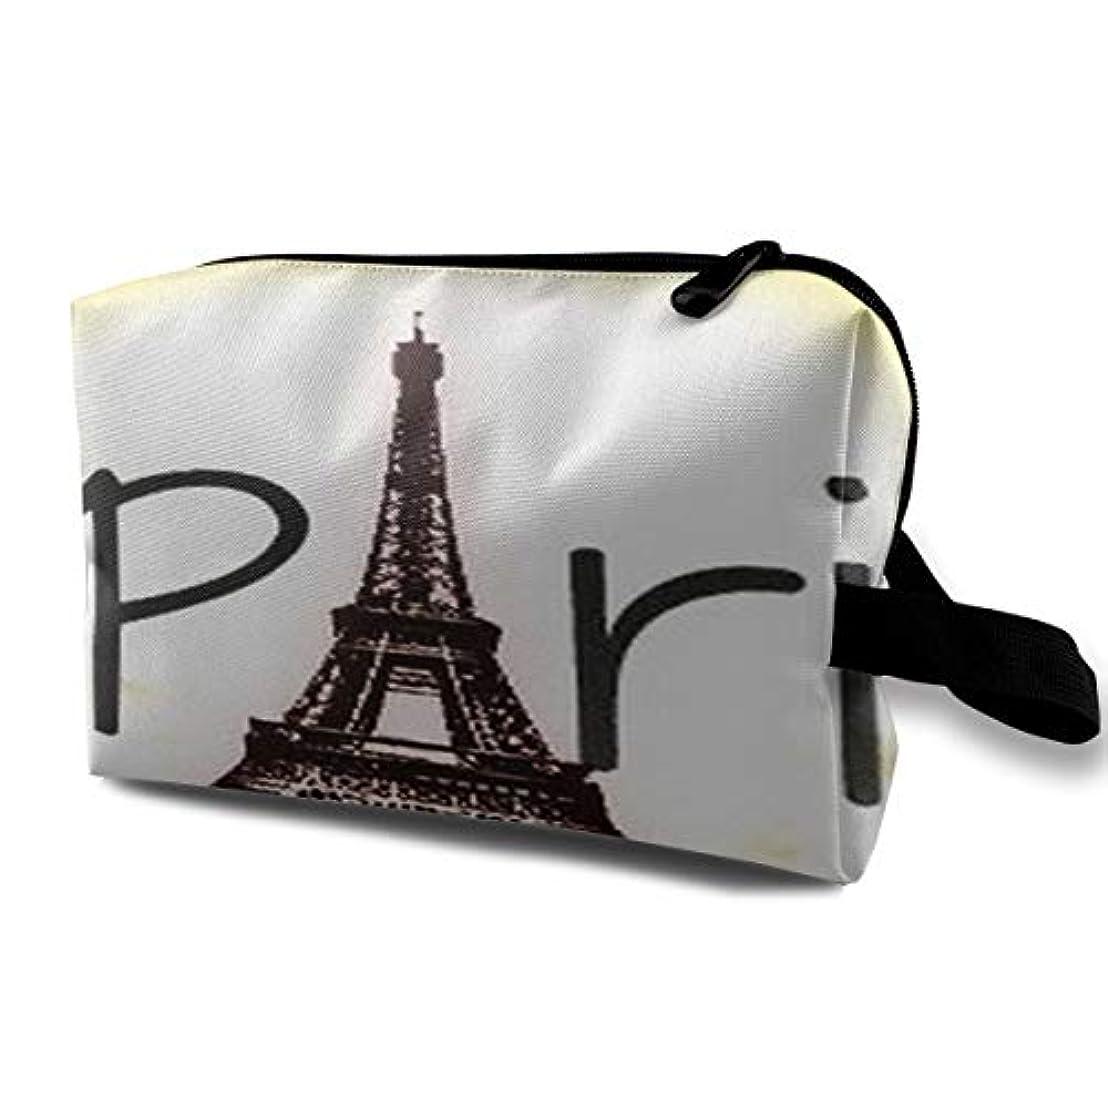 アナニバーホラーレンディションEiffel Tower Love Paris 収納ポーチ 化粧ポーチ 大容量 軽量 耐久性 ハンドル付持ち運び便利。入れ 自宅?出張?旅行?アウトドア撮影などに対応。メンズ レディース トラベルグッズ